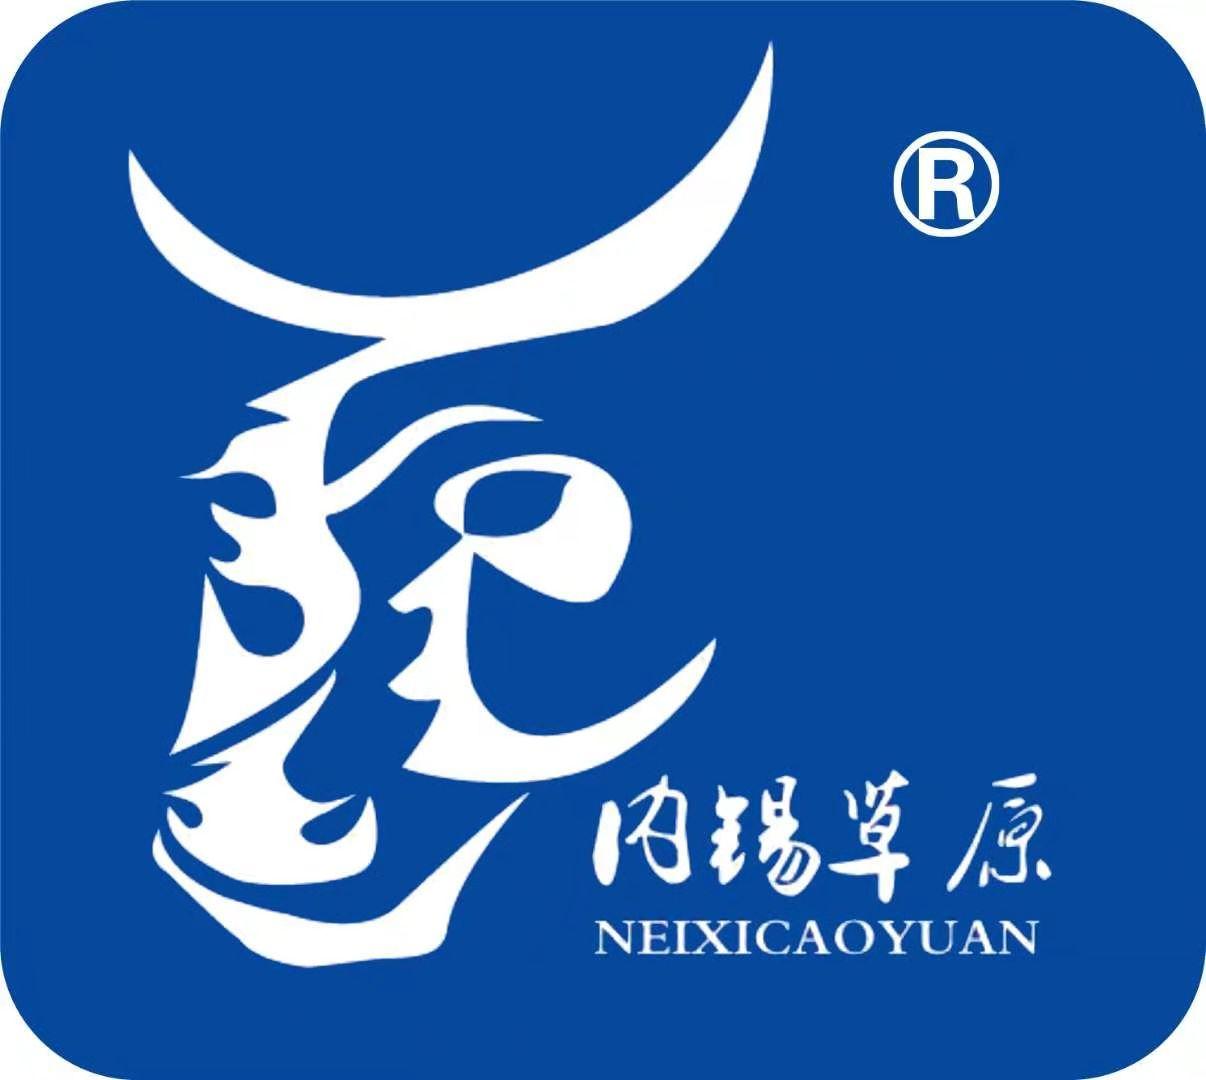 锡林草原牛肉干官方企业店